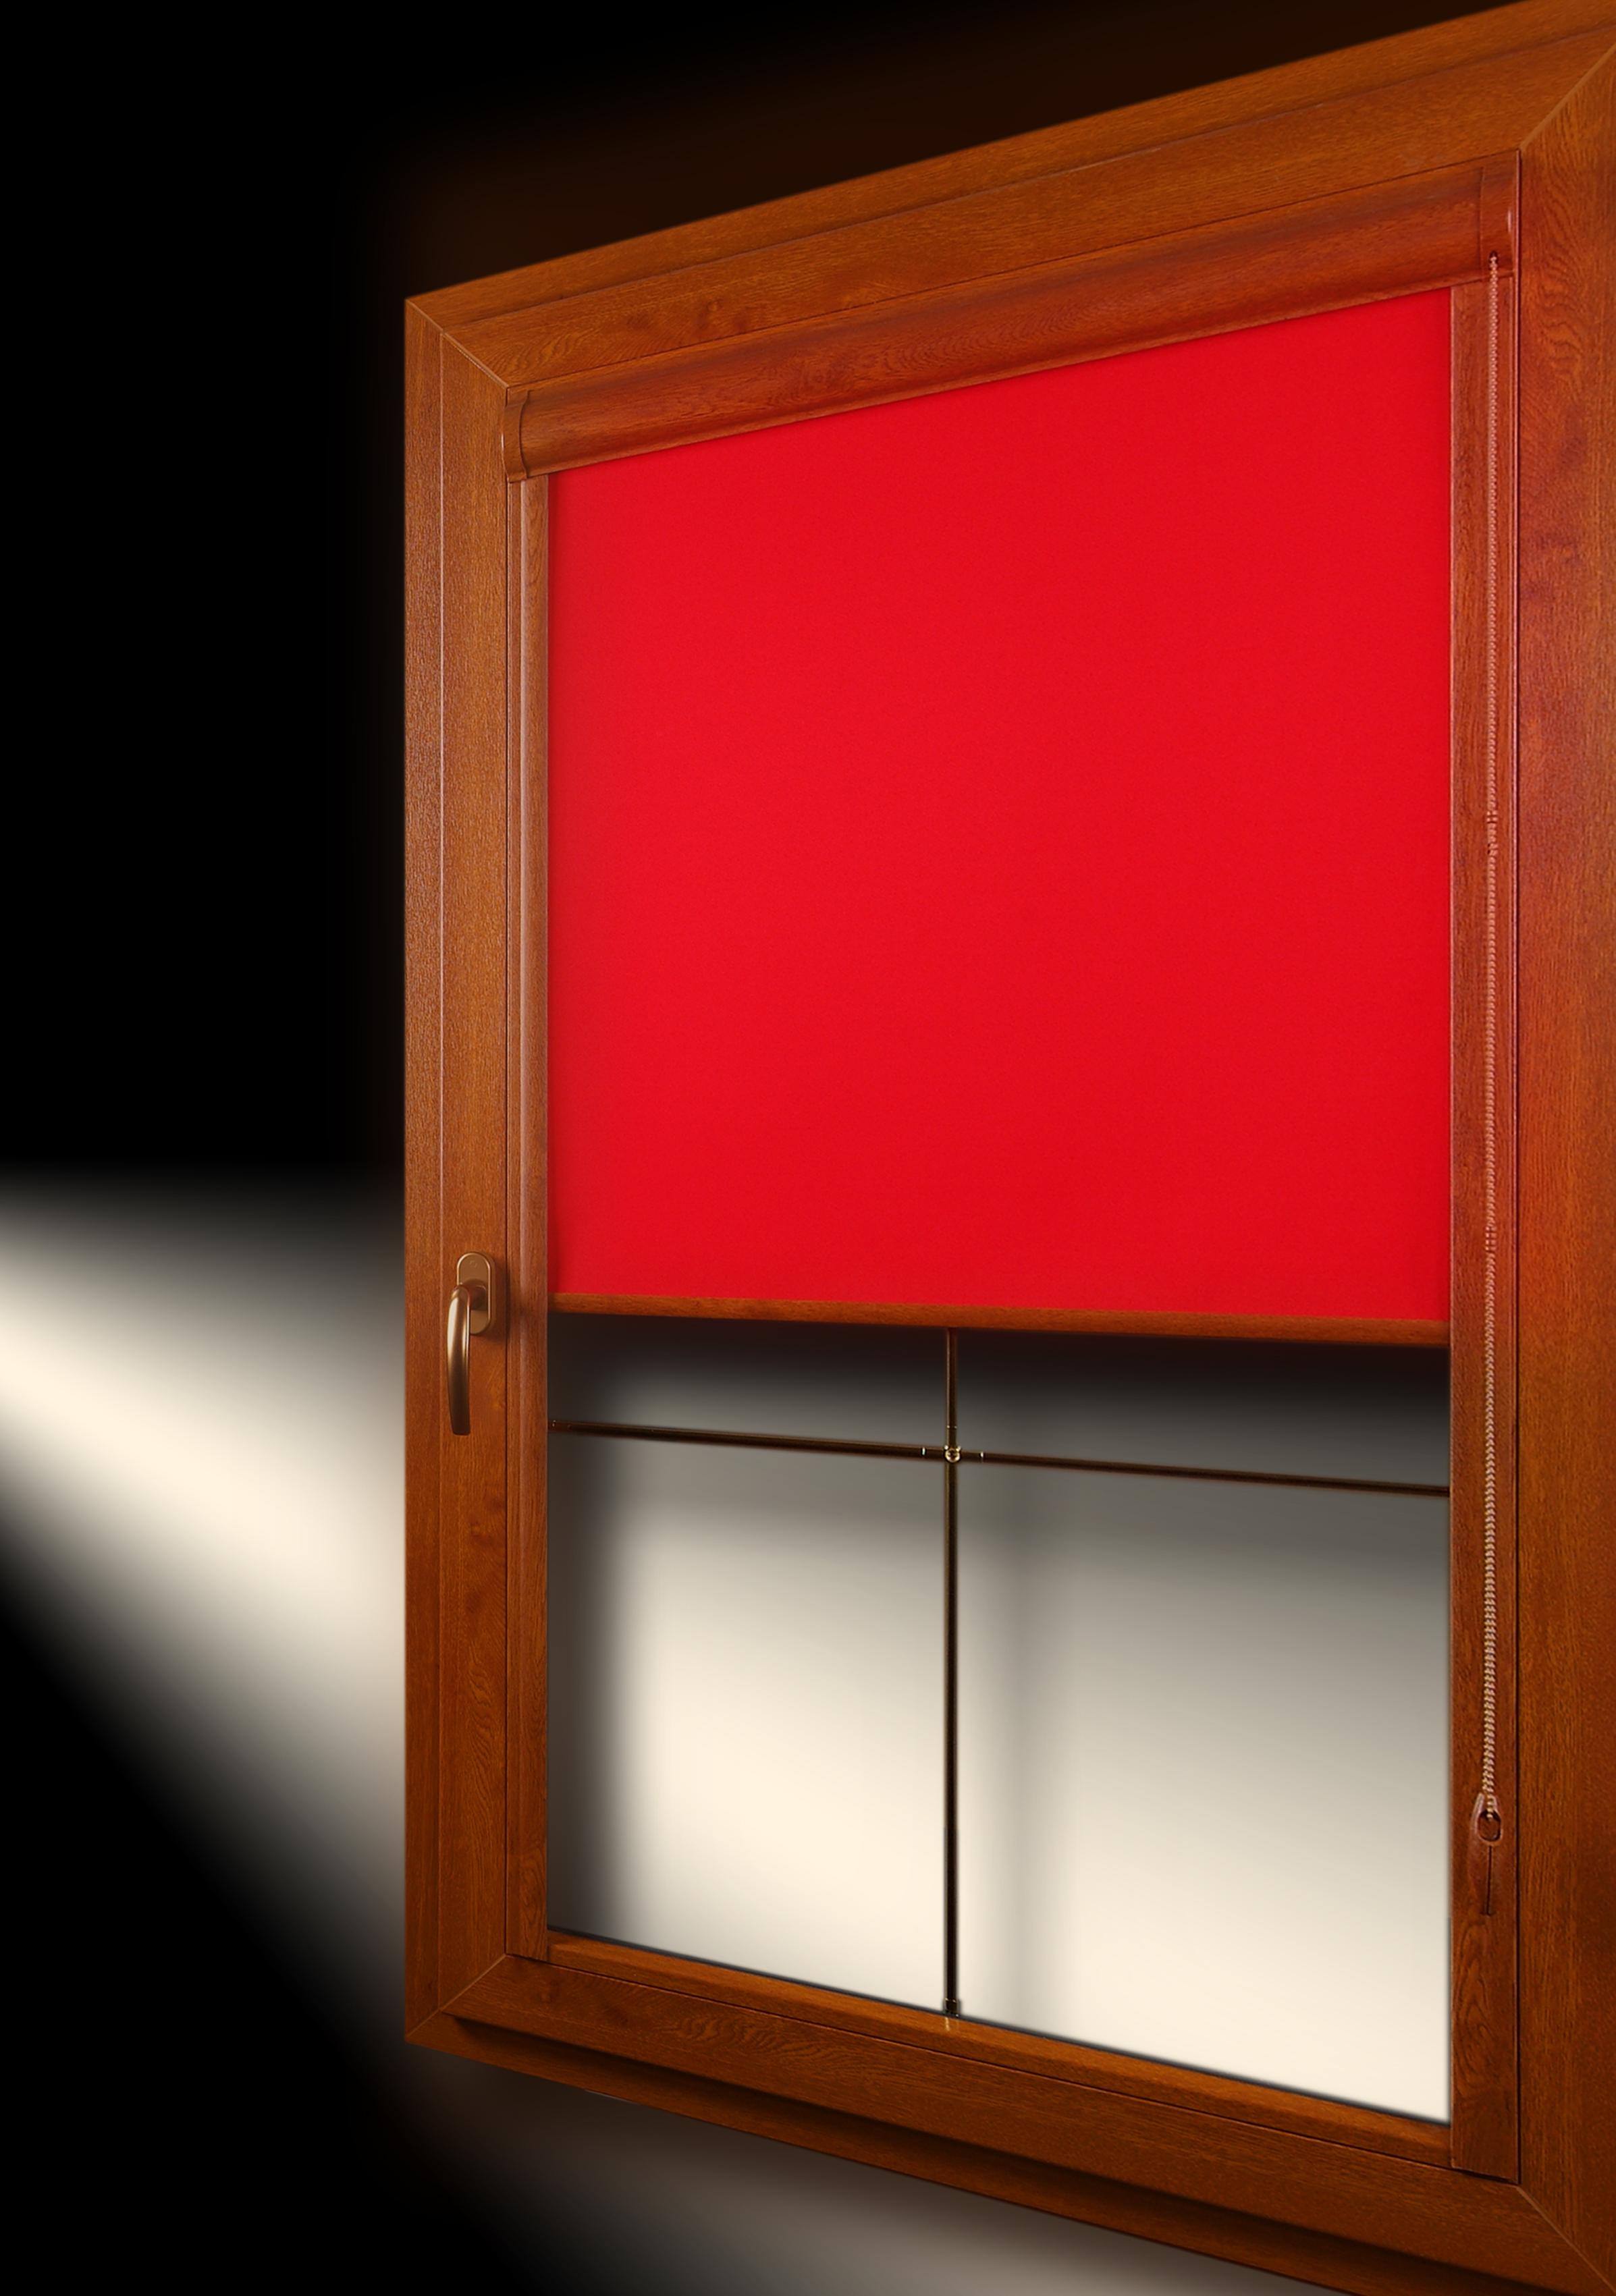 roleta materiałowa w kolorze czerwonym, kaseta iprowadnice rolety dopasowane do koloru okna złoty dąb